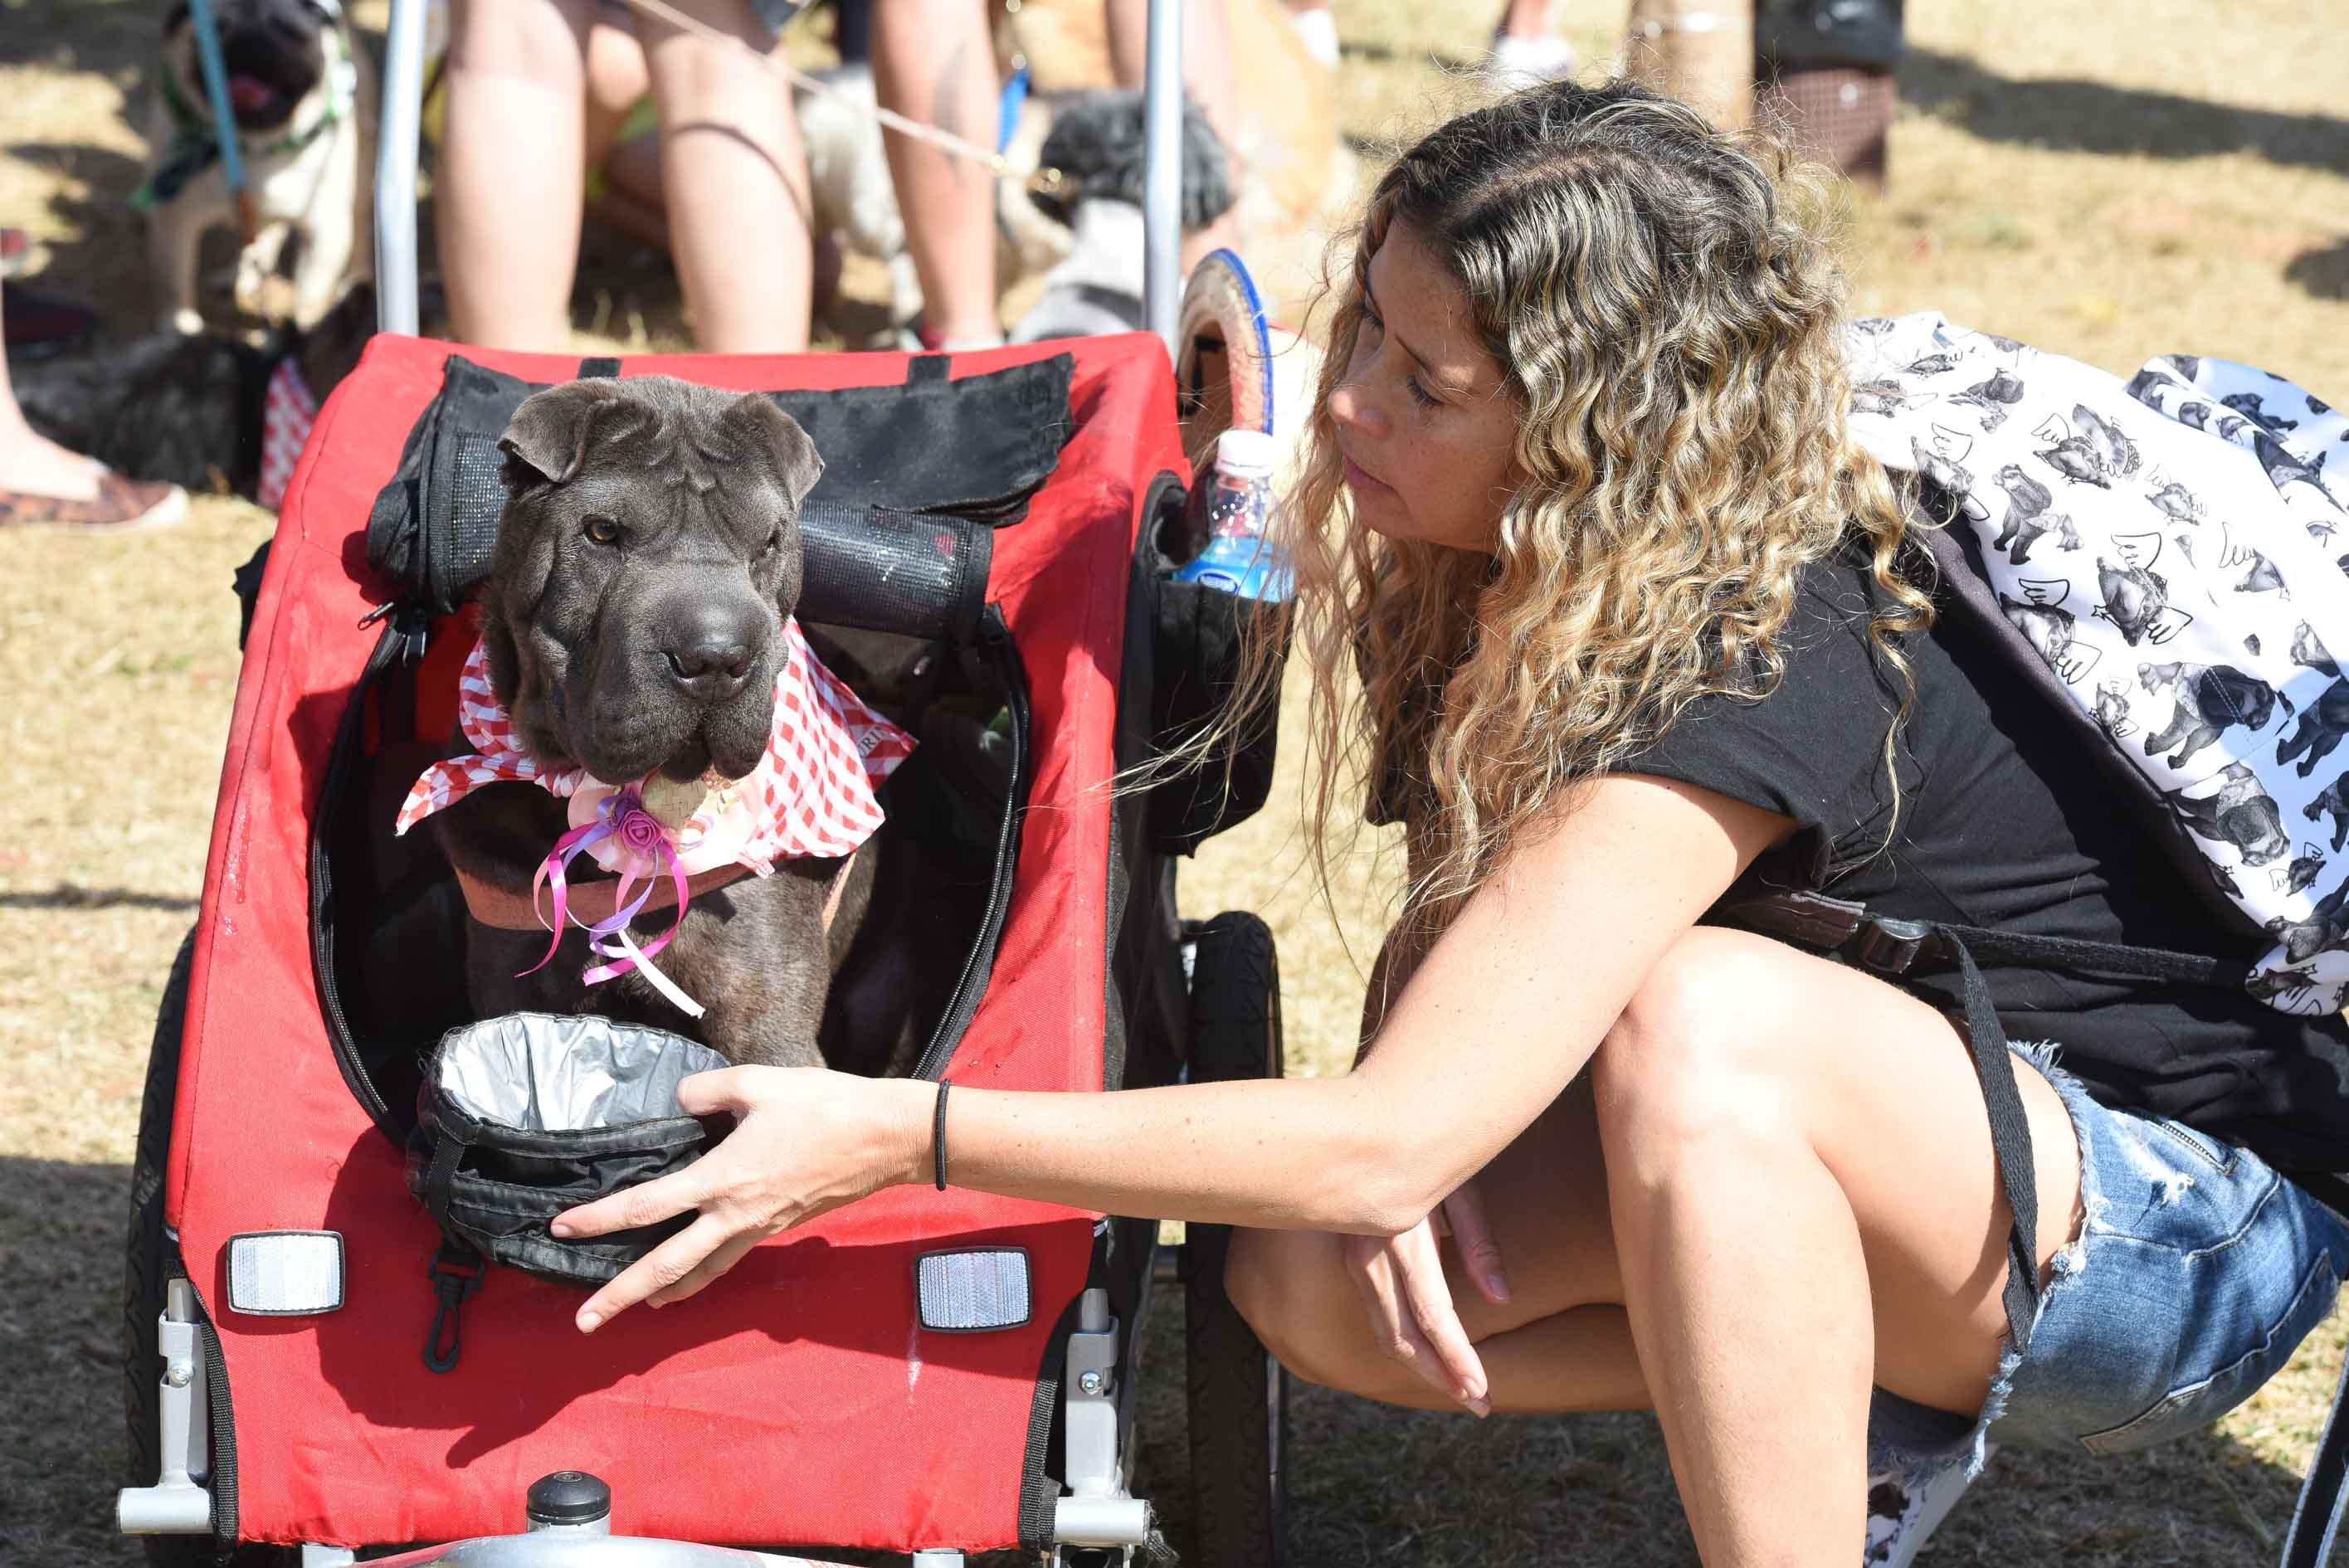 mulher com pote de água e cachorro na cadeirinha